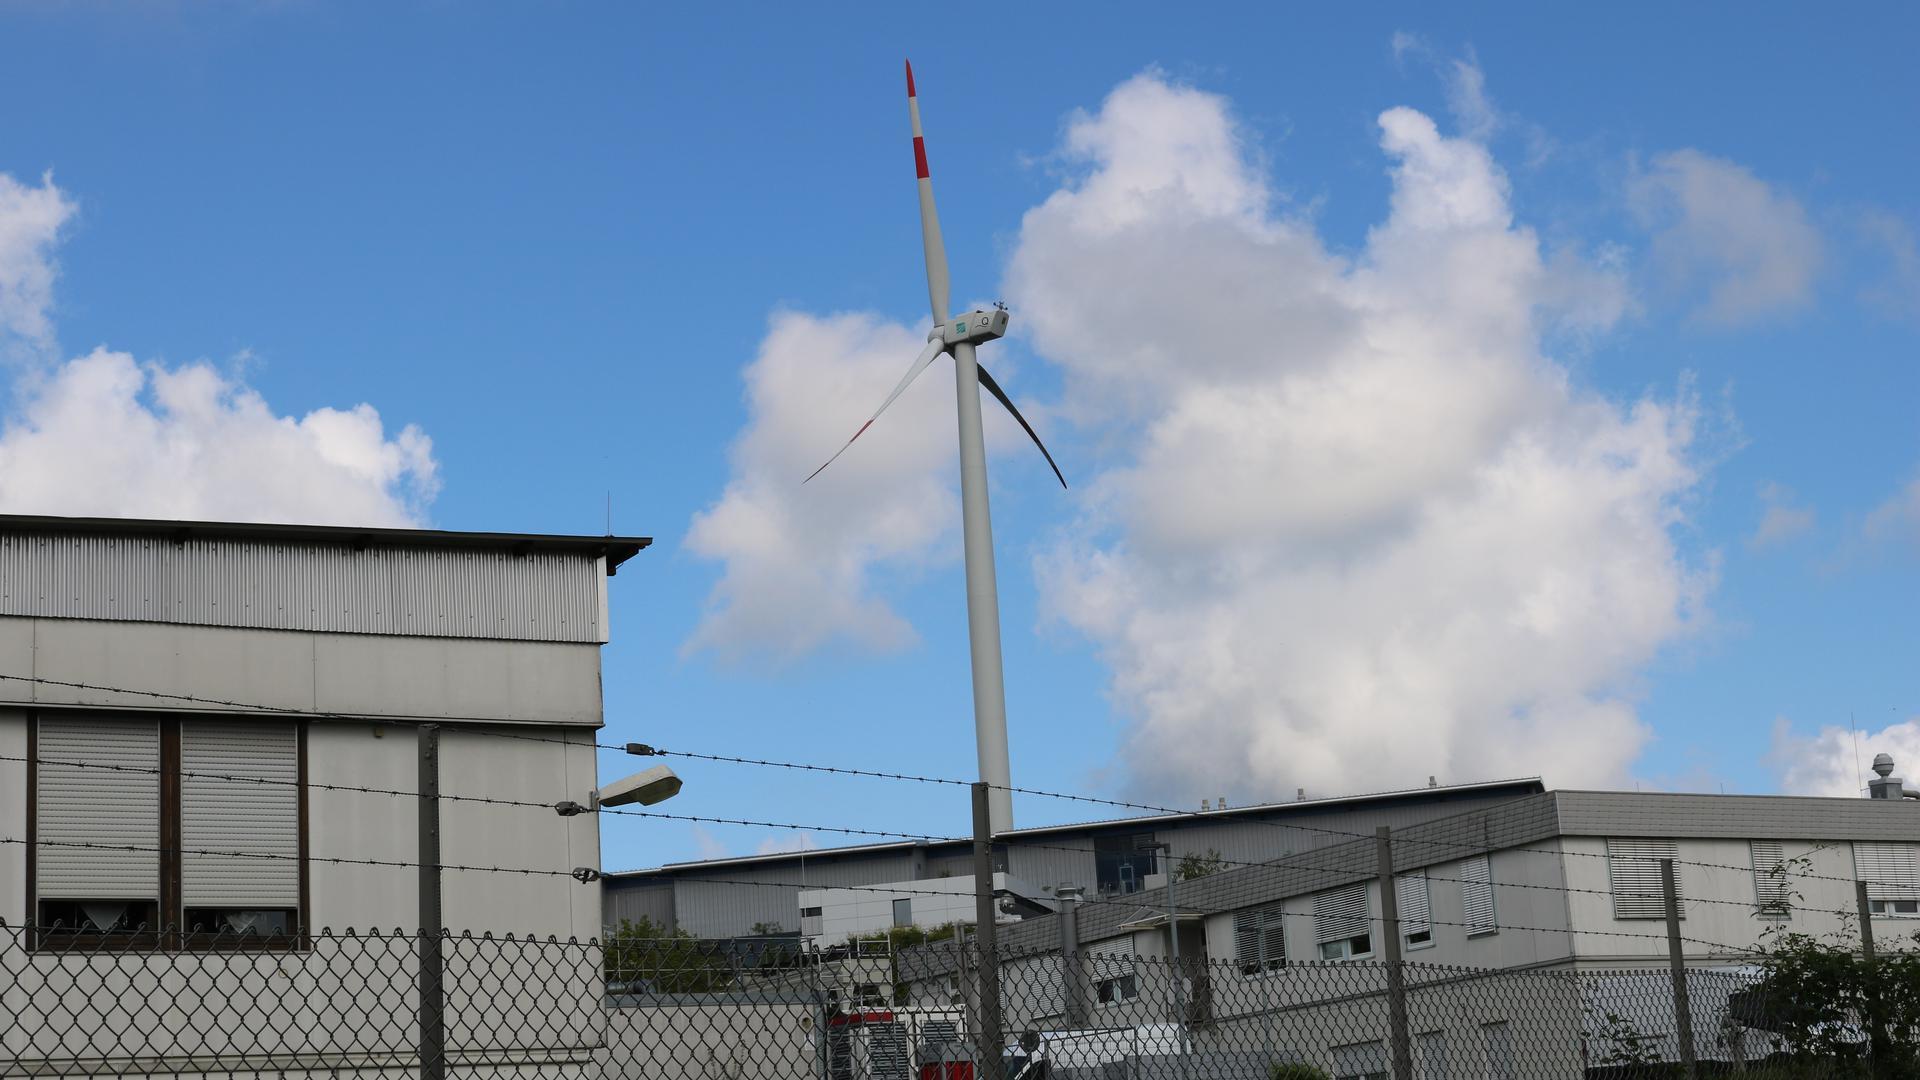 Nicht um Windkraft im Allgemeinen, sondern um einen Standort im Wald gehen in Weingarten die Meinungen auseinander. Gegen das Windrad auf dem Gelände des Fraunhofer Instituts ist nichts einzuwenden.